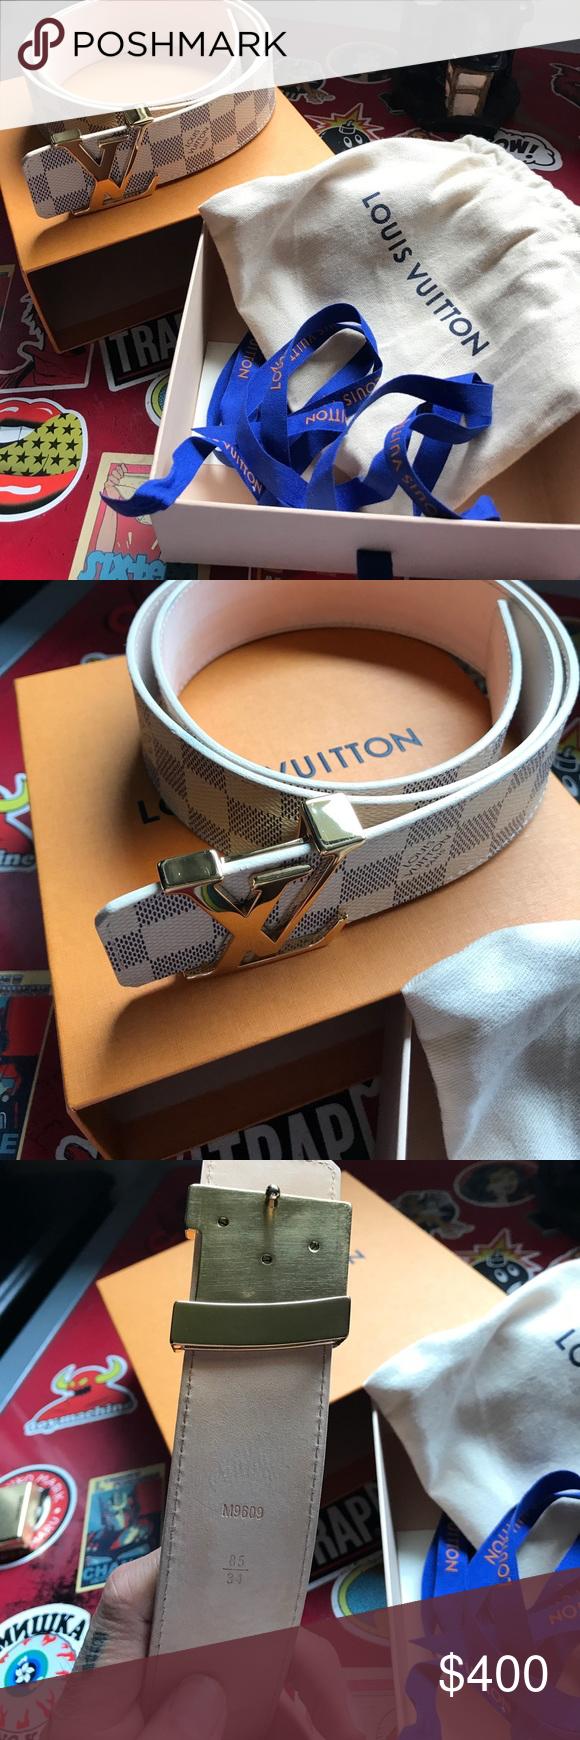 Louis Vuitton belt Authentic no low ballin Louis Vuitton ...